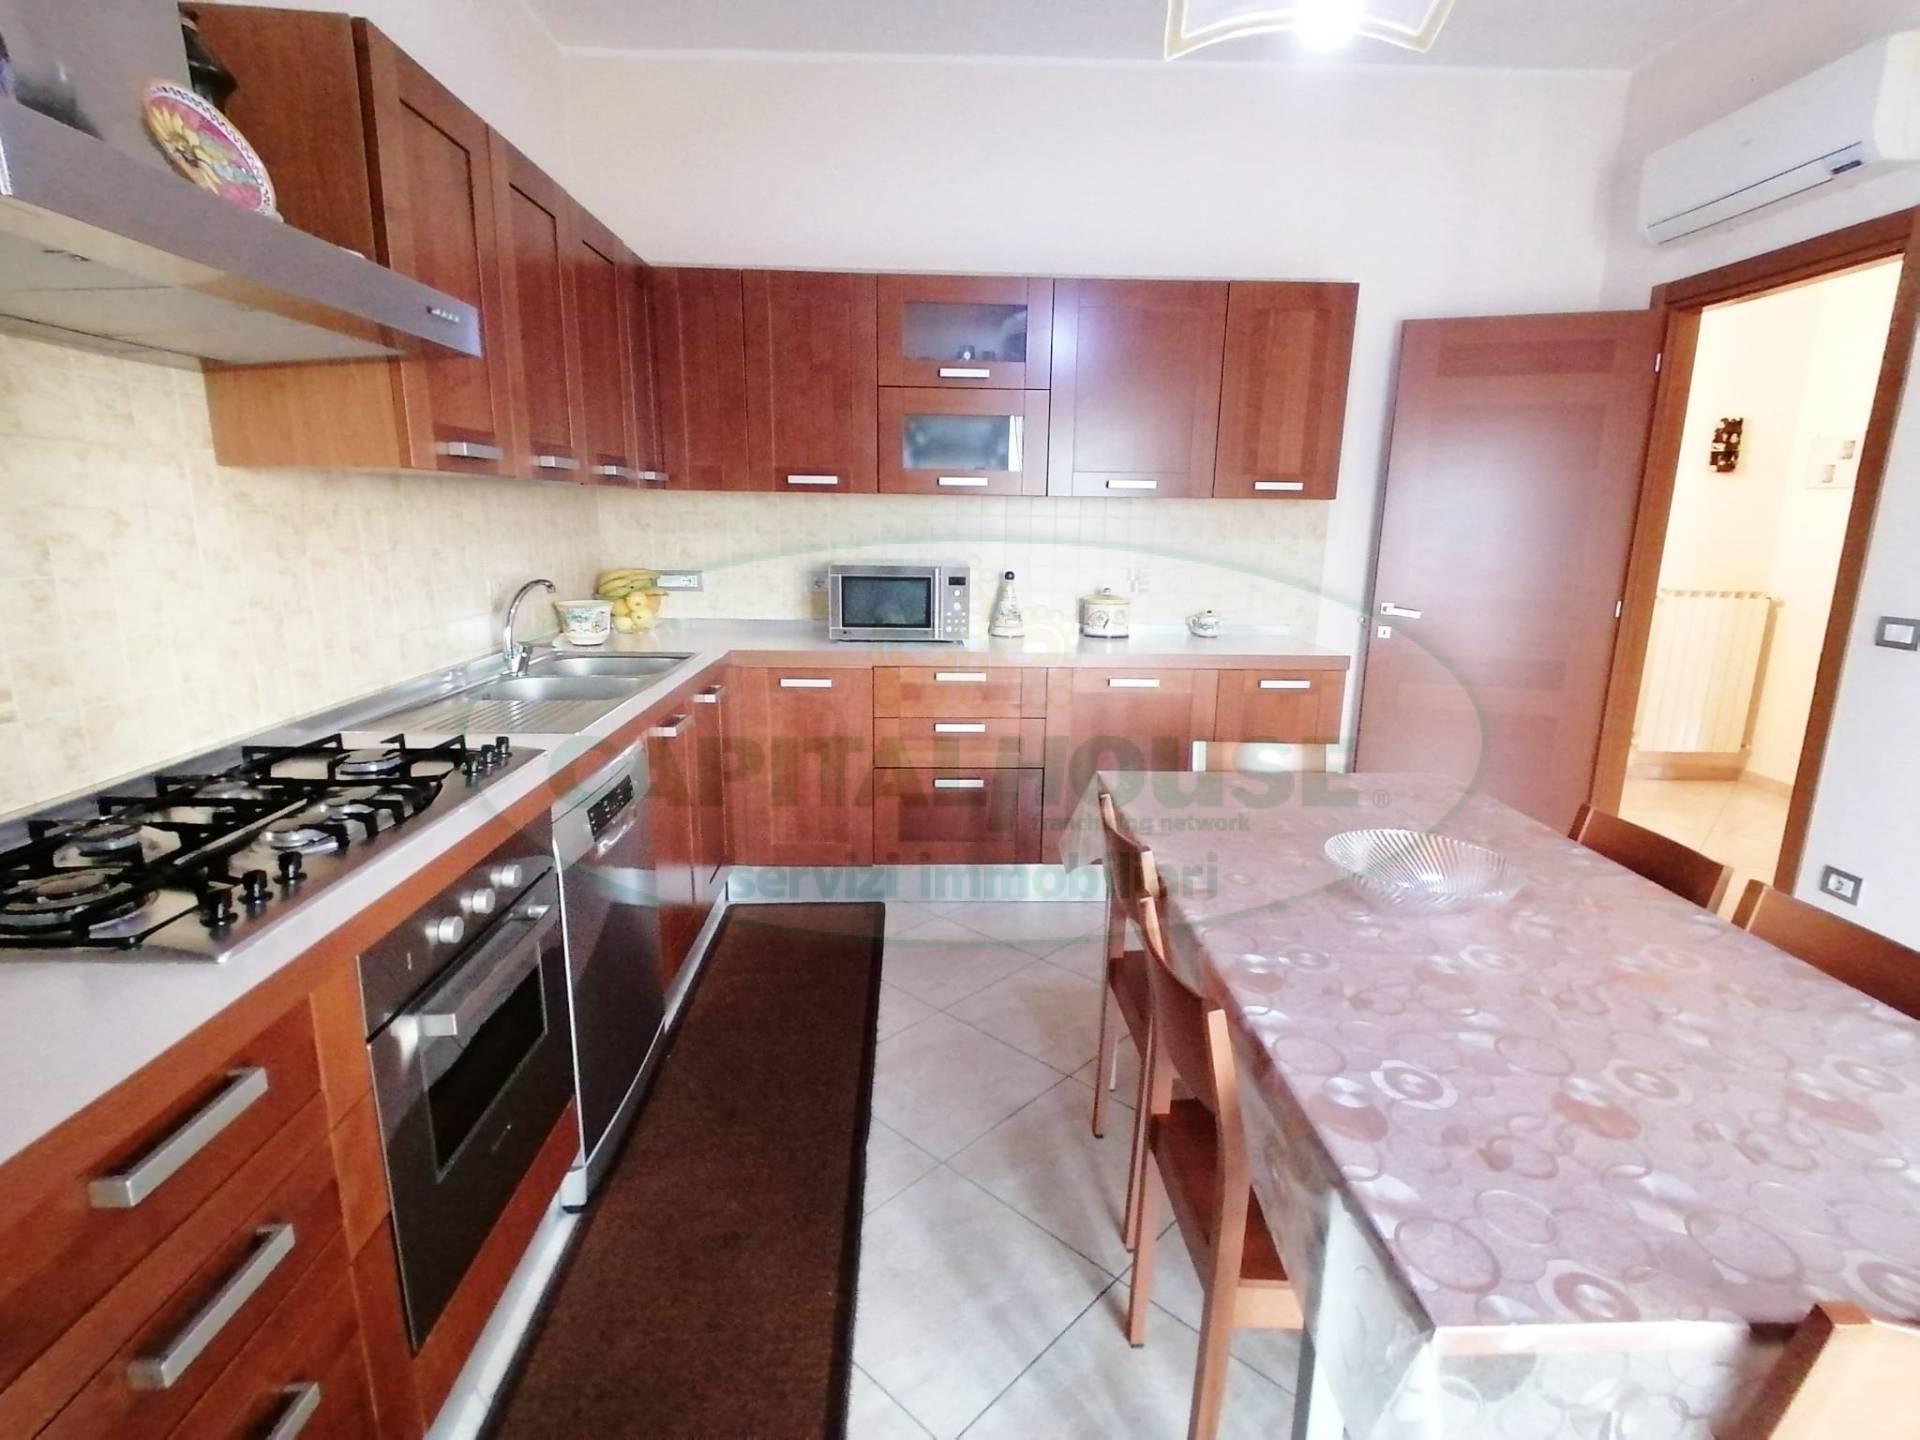 Appartamento in vendita a Cicciano, 4 locali, prezzo € 160.000 | CambioCasa.it